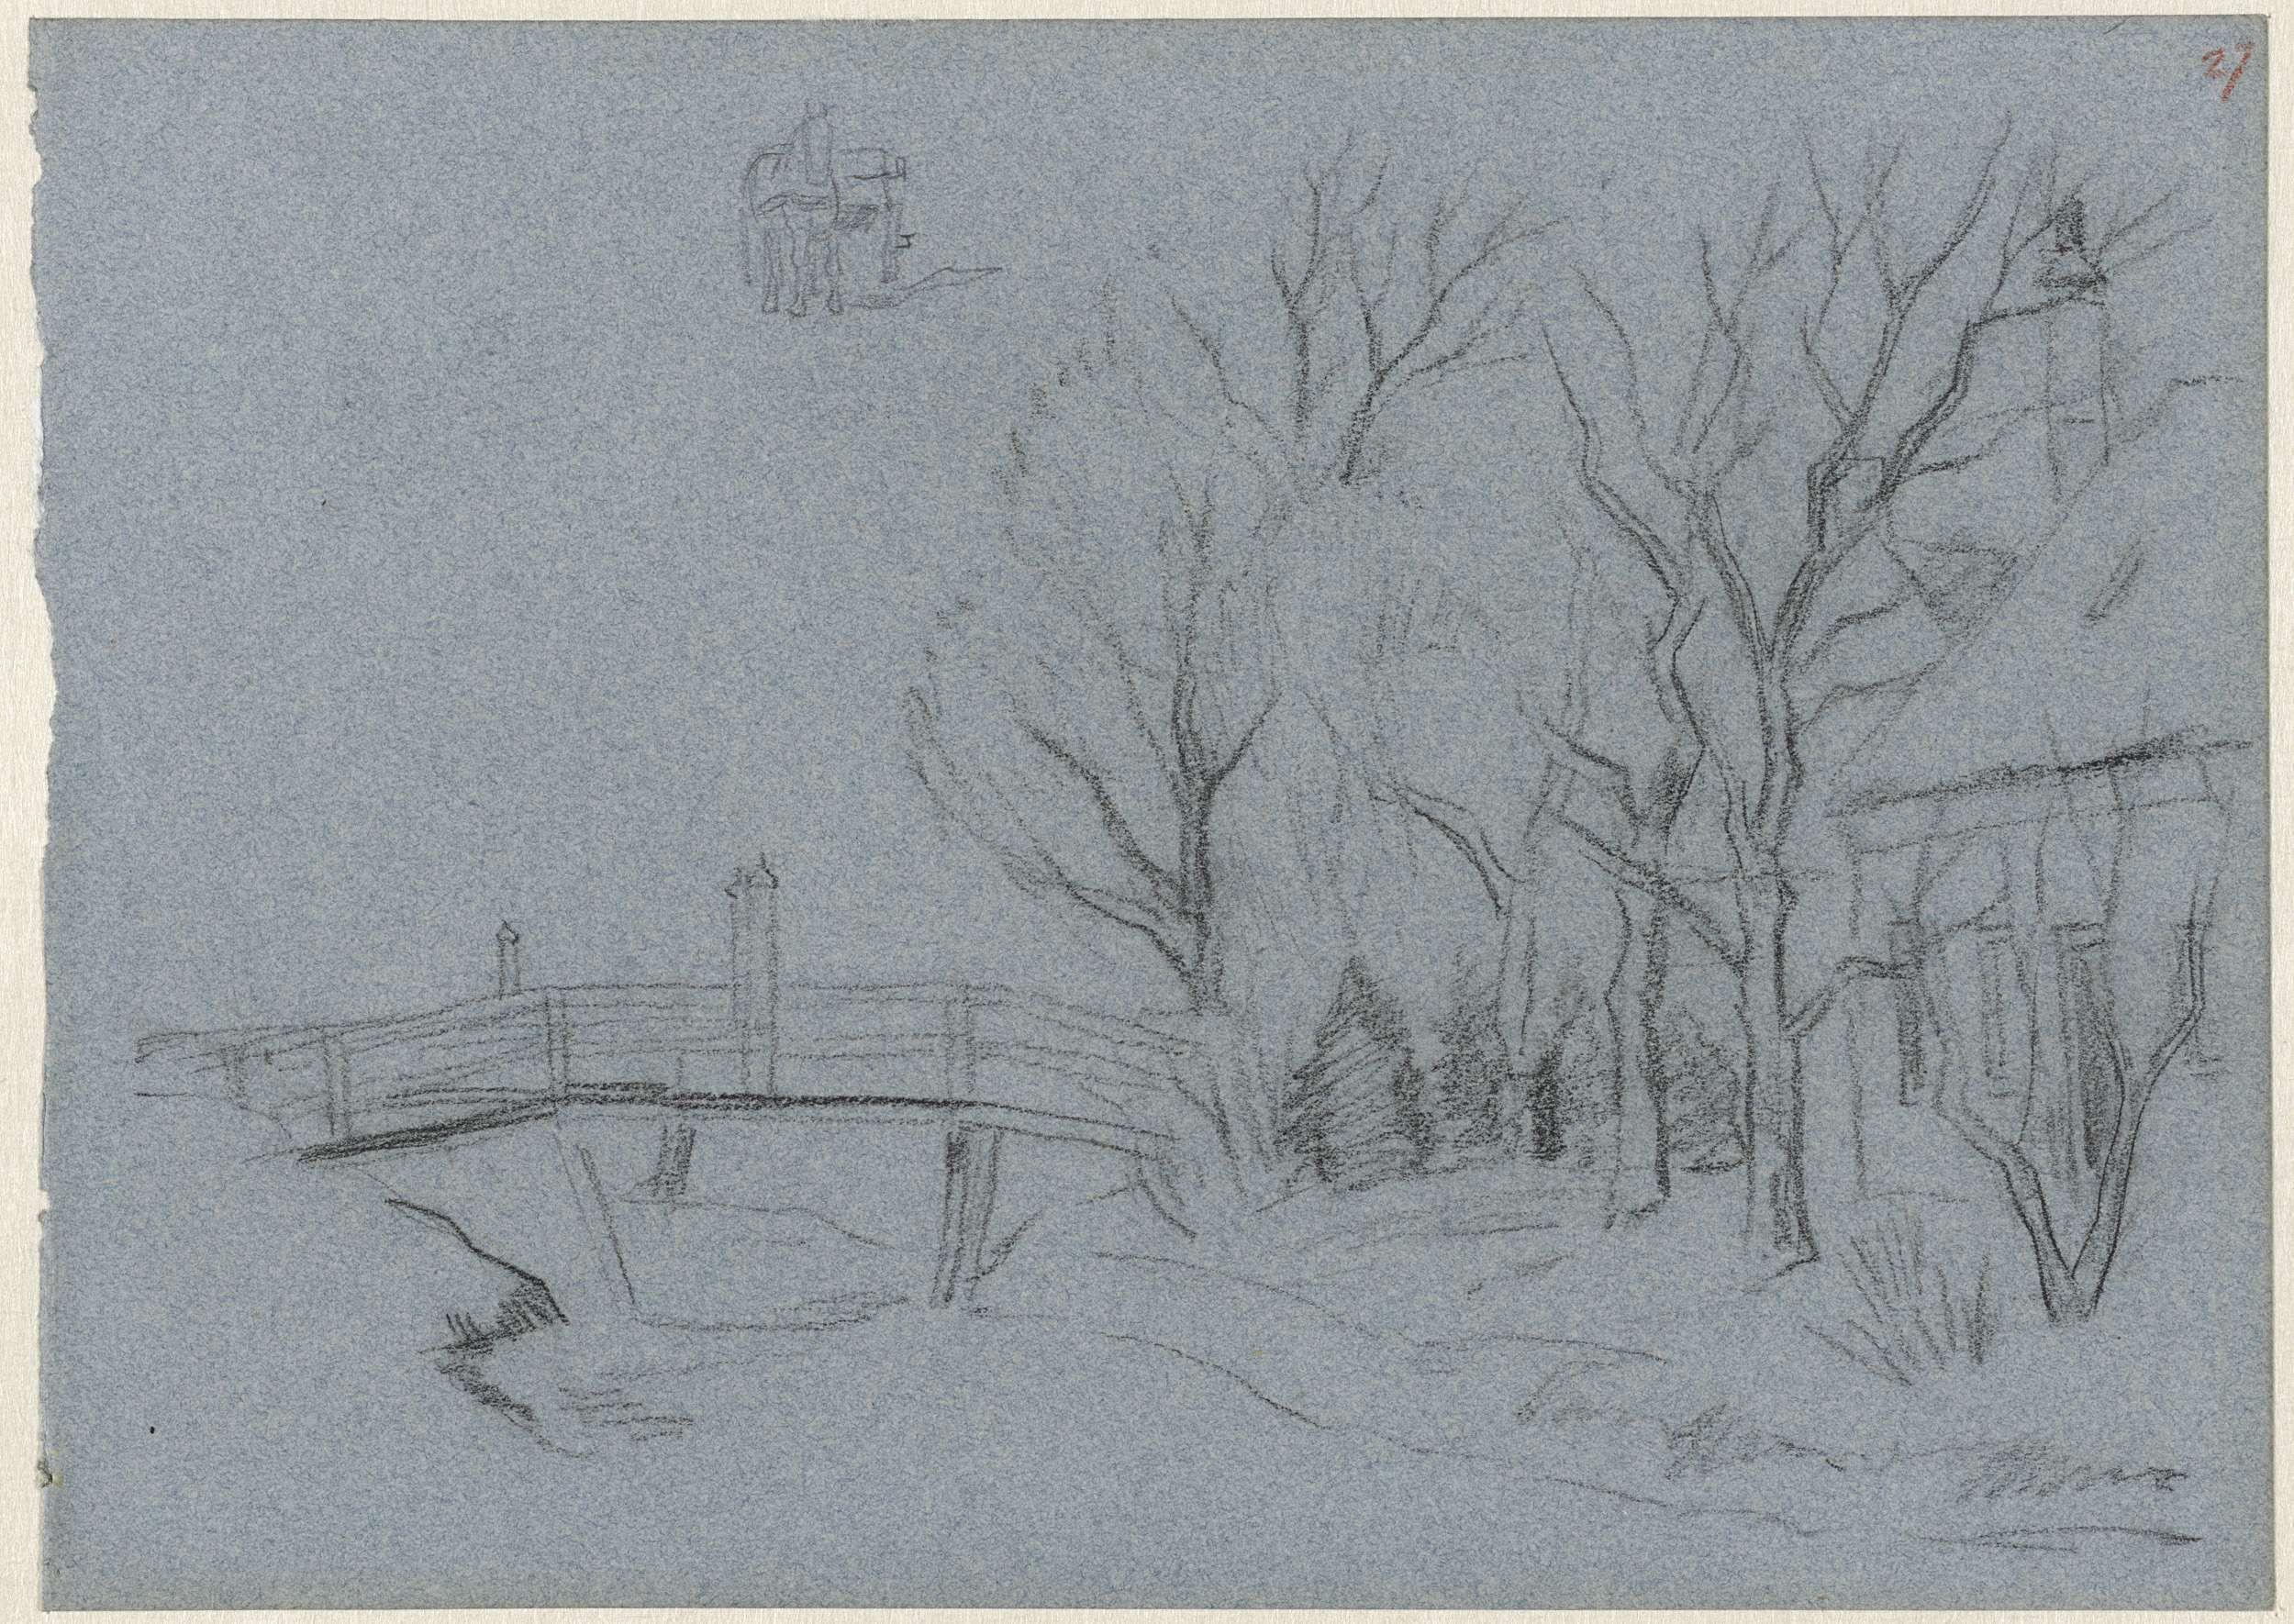 Jozef Israëls | Bruggetje en bomen bij een huis, Jozef Israëls, 1834 - 1911 |